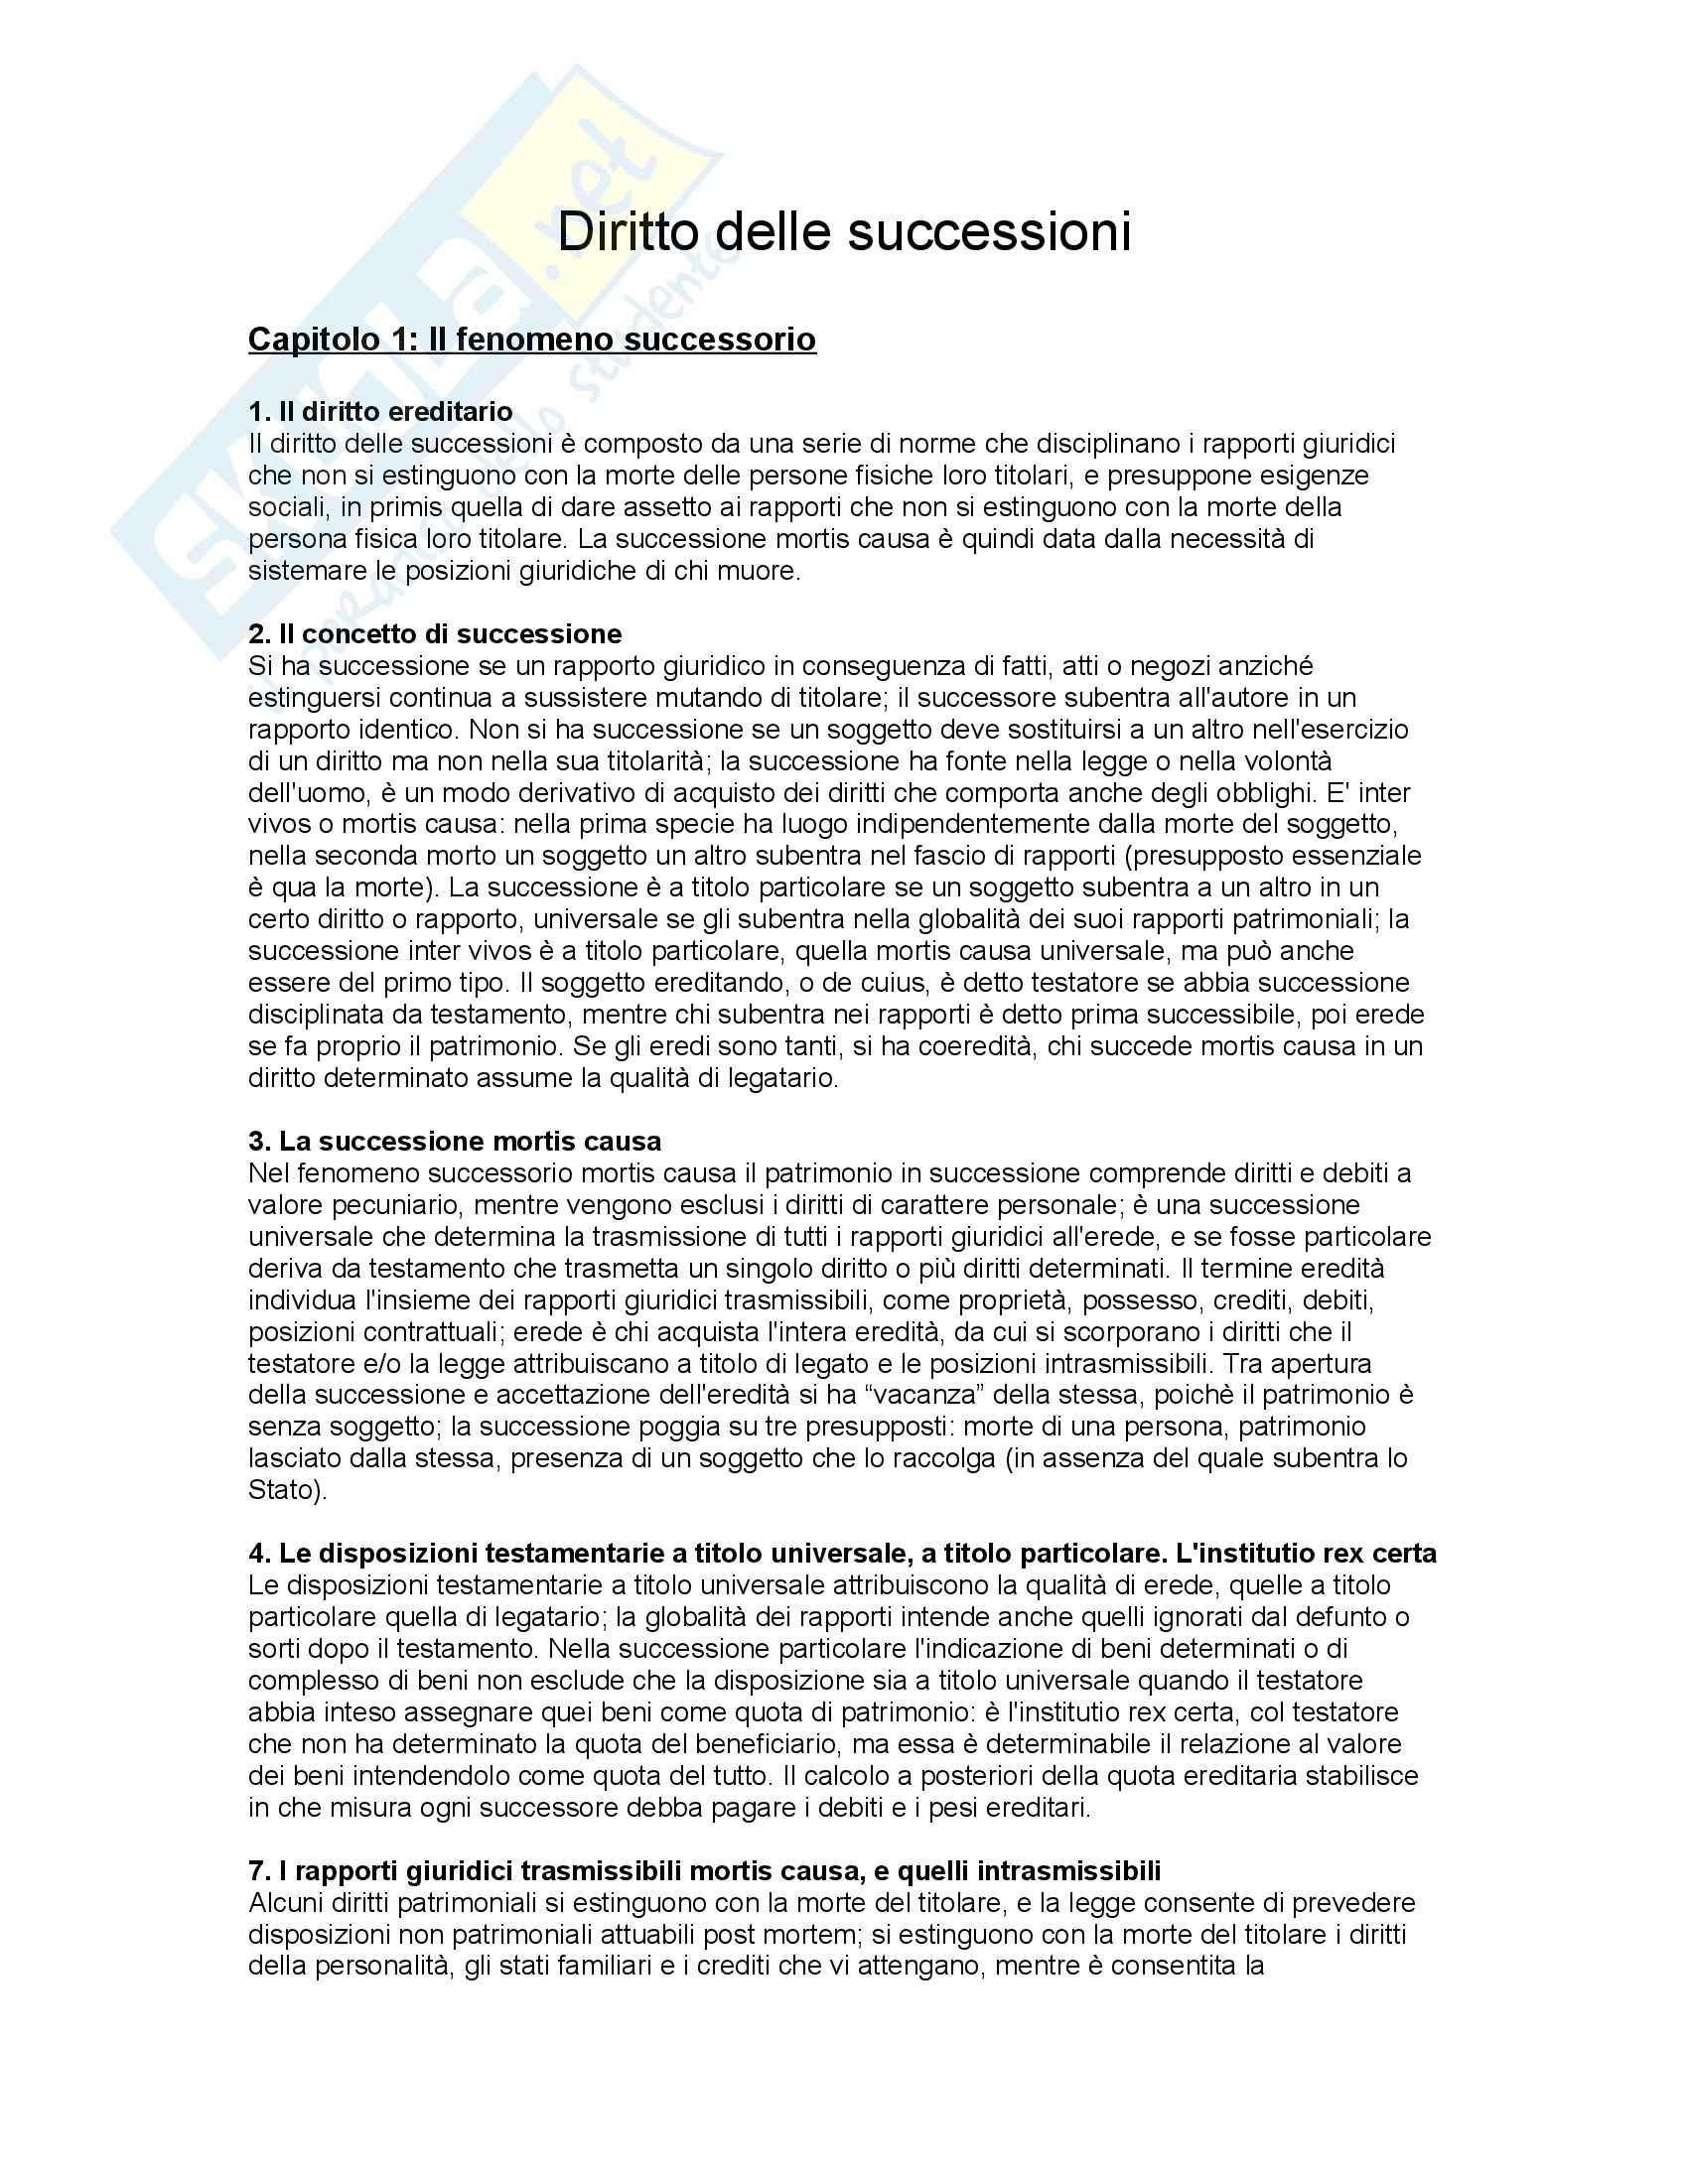 Riassunto esame Diritto delle Successioni, prof. Ferrando, libro consigliato Diritto delle Successioni di Bonilini